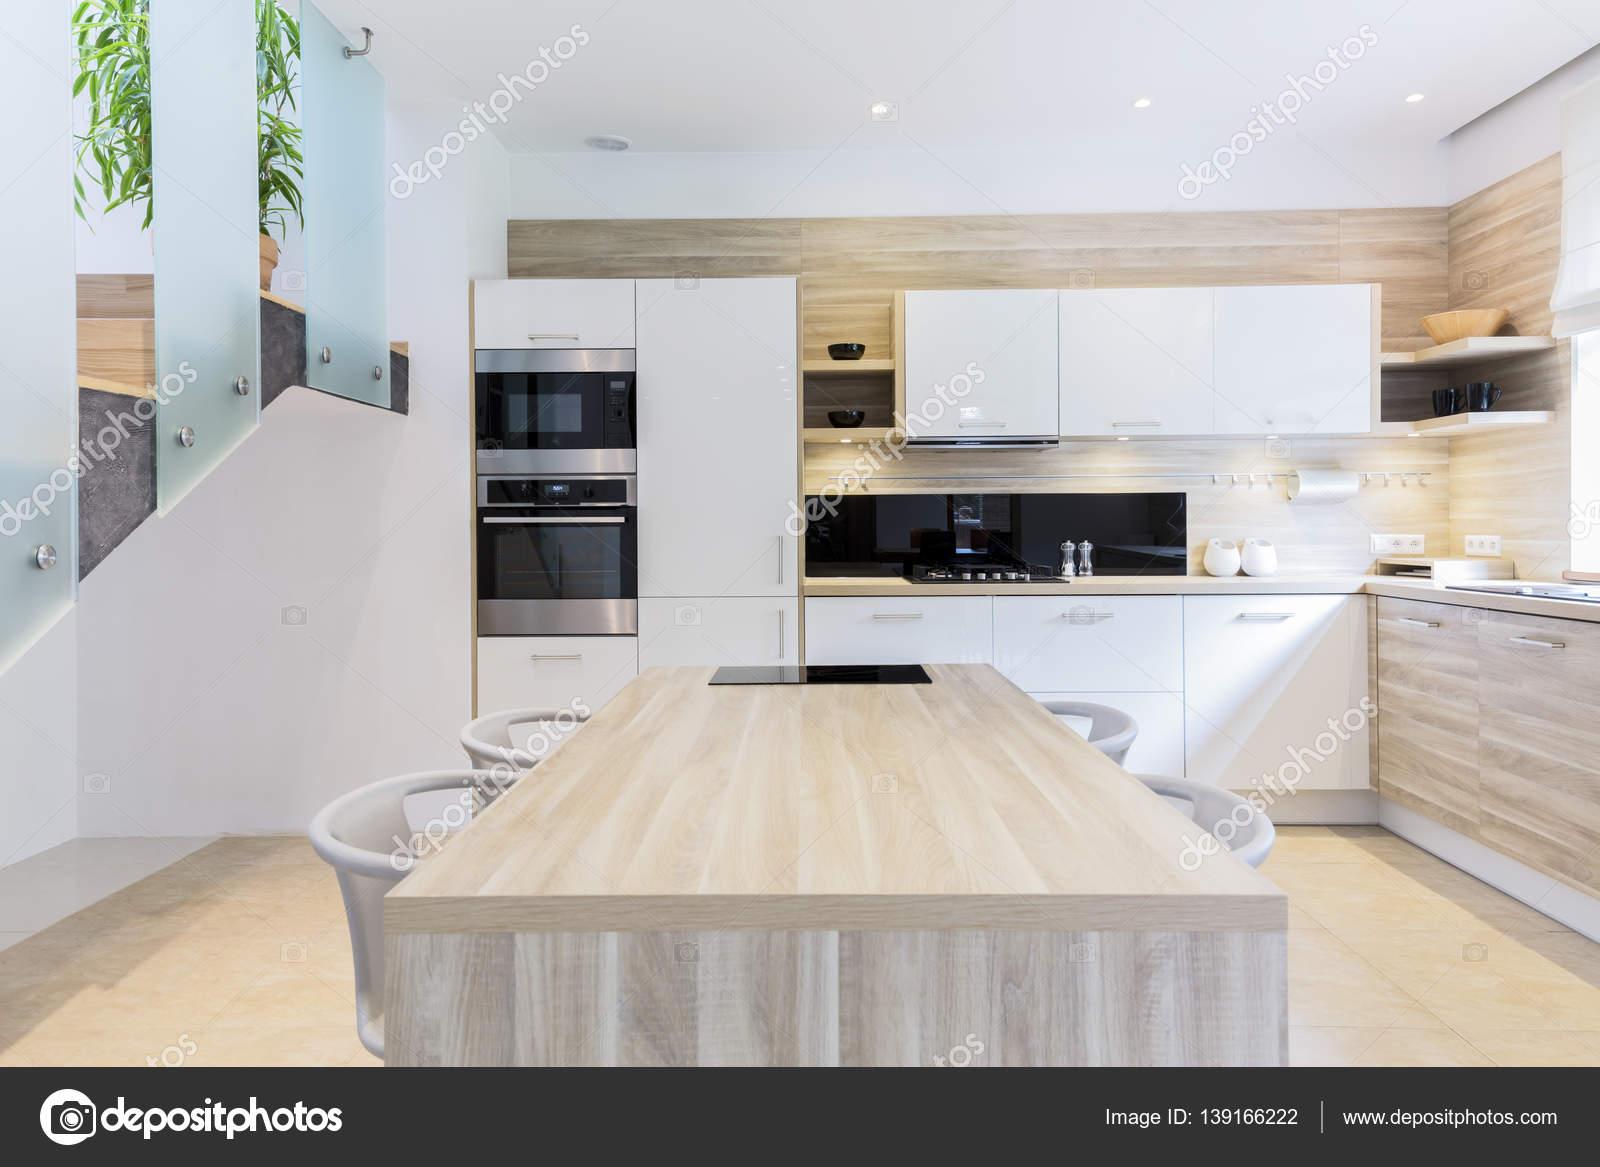 Equipado Com Cozinha Em Cores Claras Fotografias De Stock